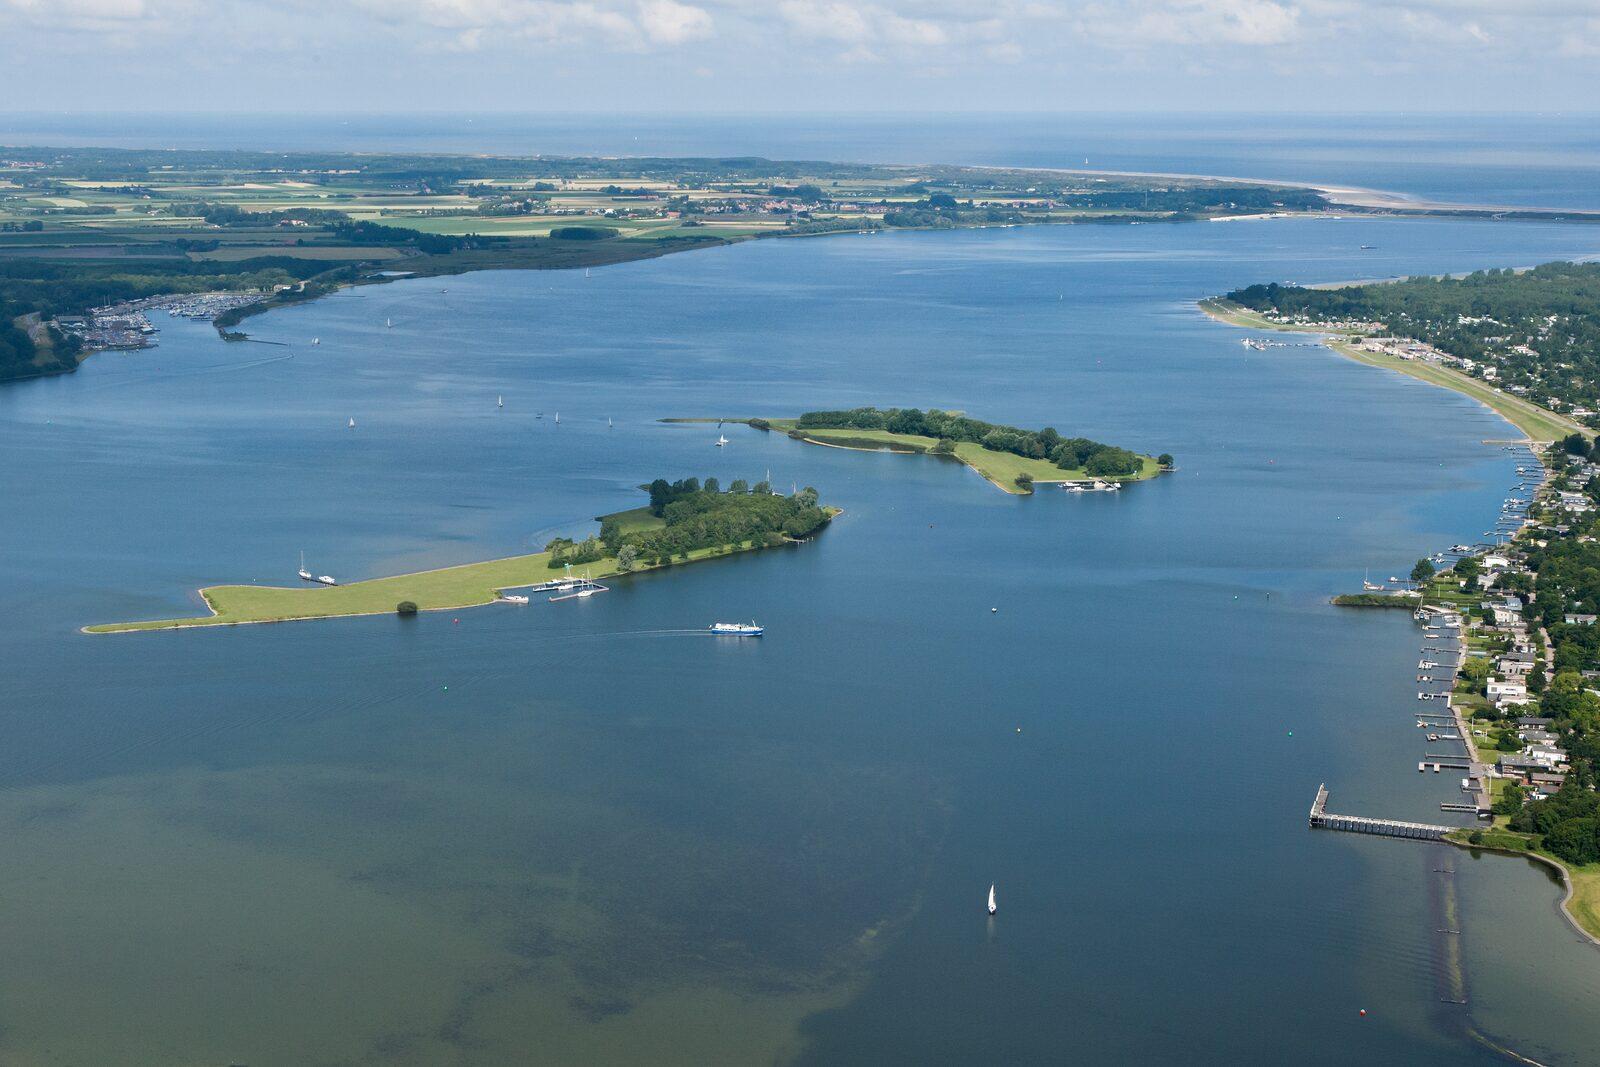 Holiday homes Ruiterplaat Vakanties in Zeeland on Veerse meer